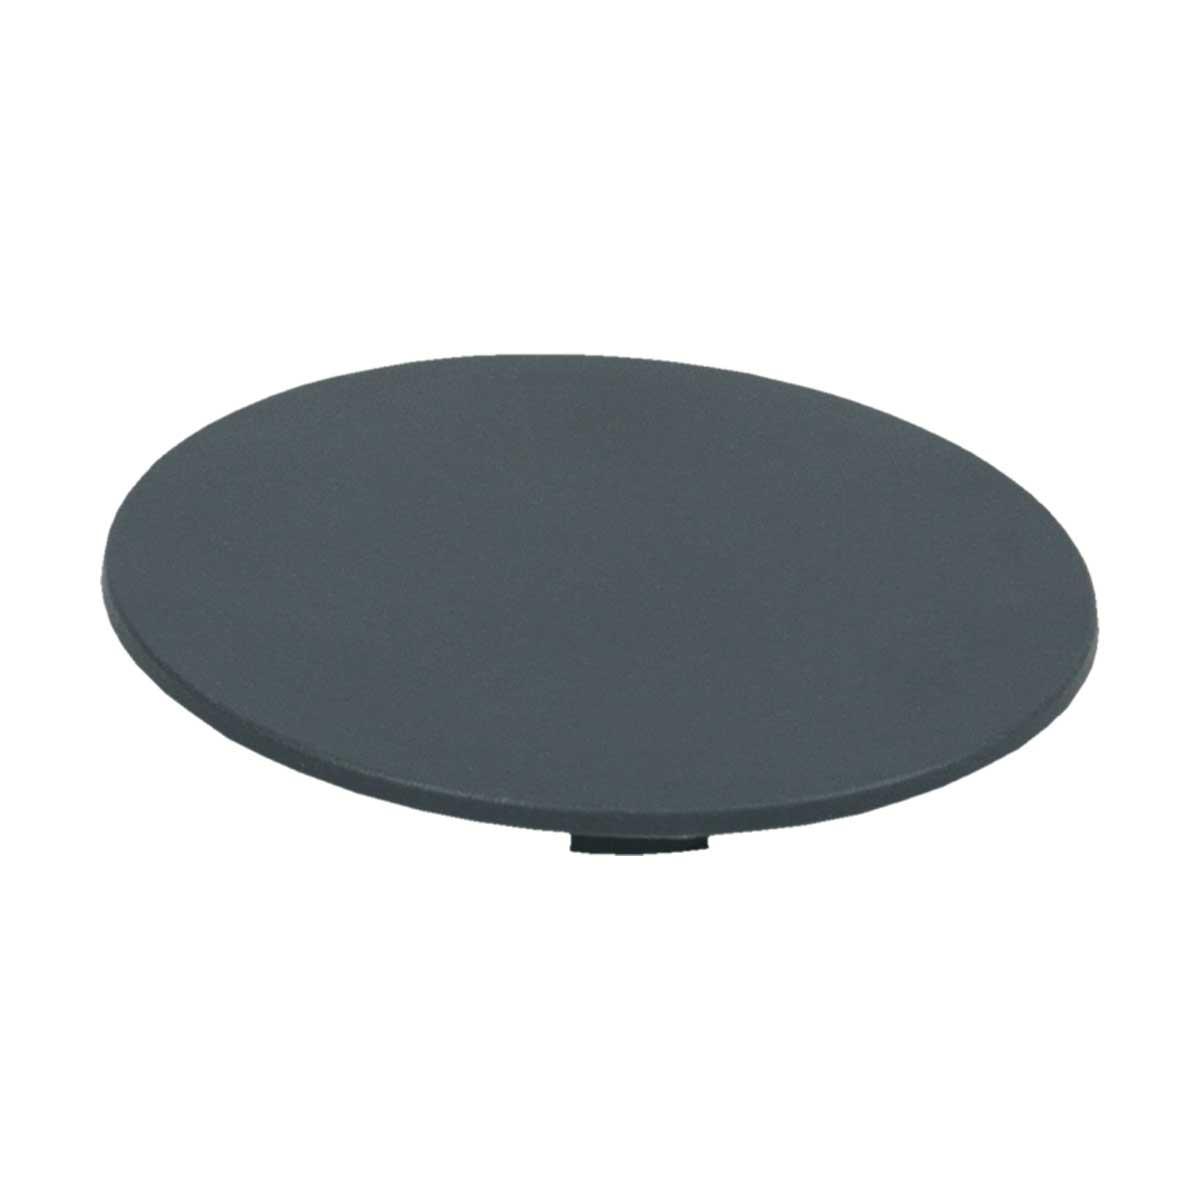 Заглушка для рамки класичних приладів  KOPOBOX; для підлоги;